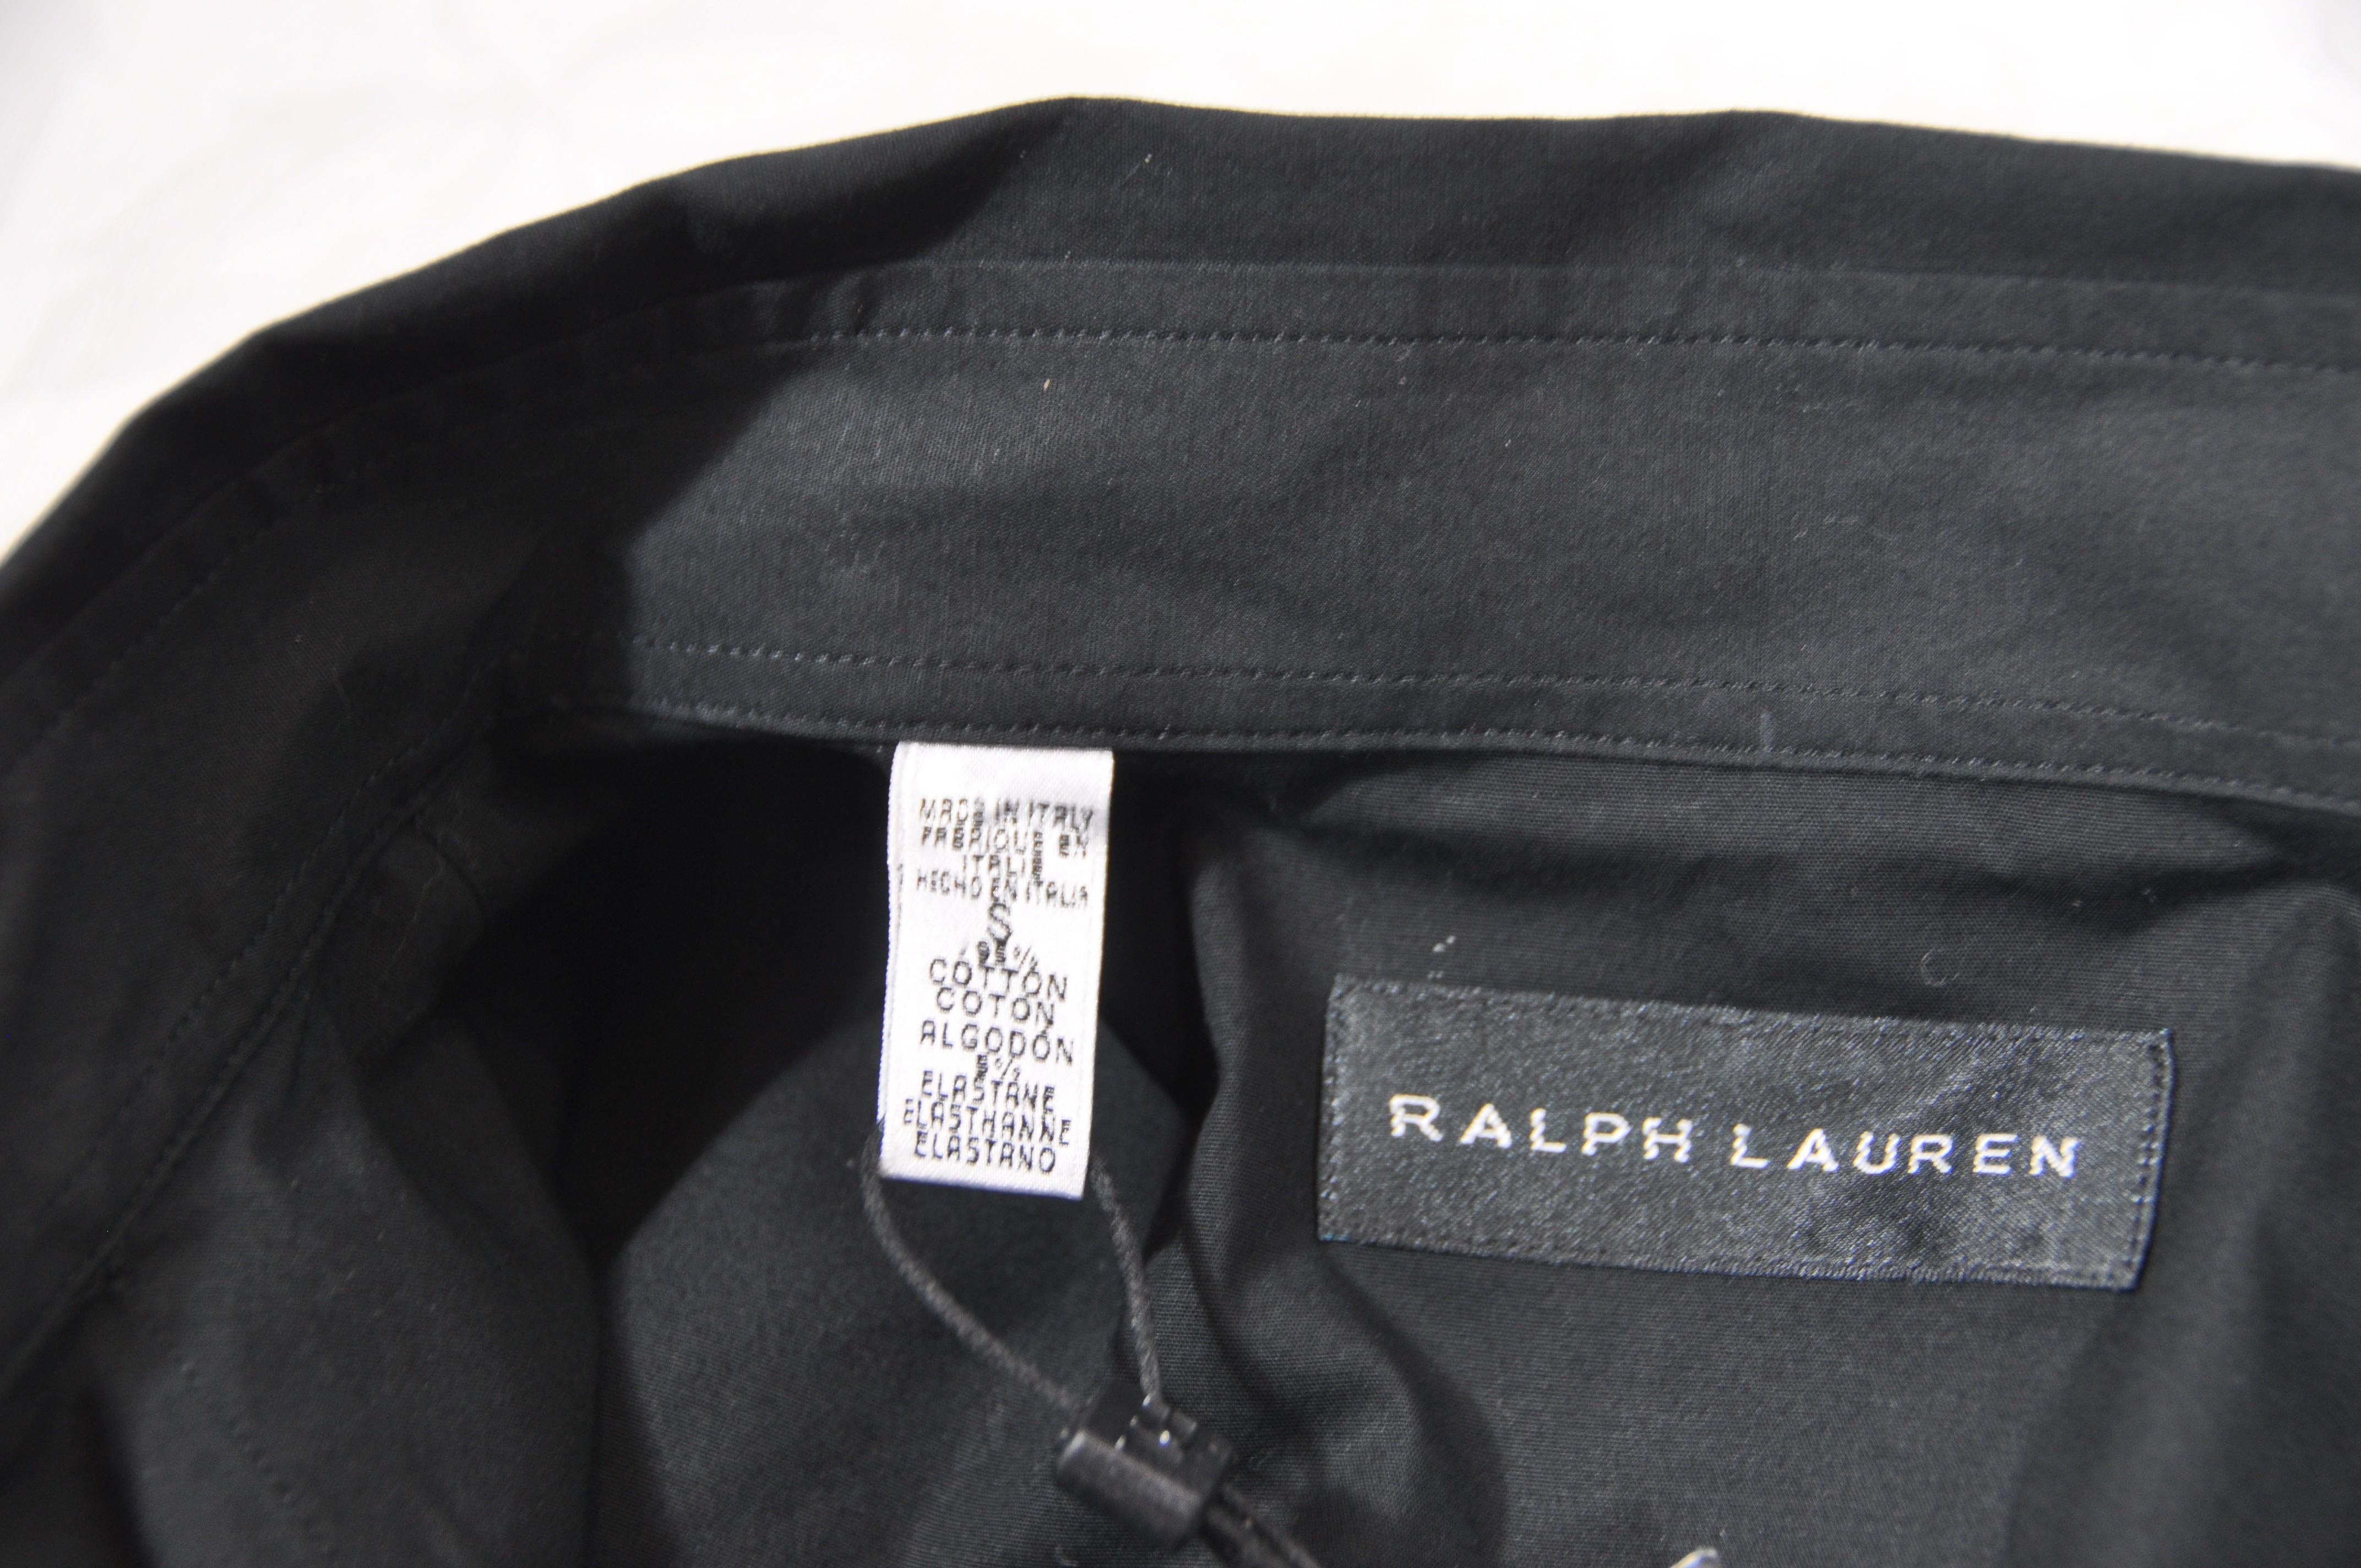 ralph lauren black label ralph lauren shirt